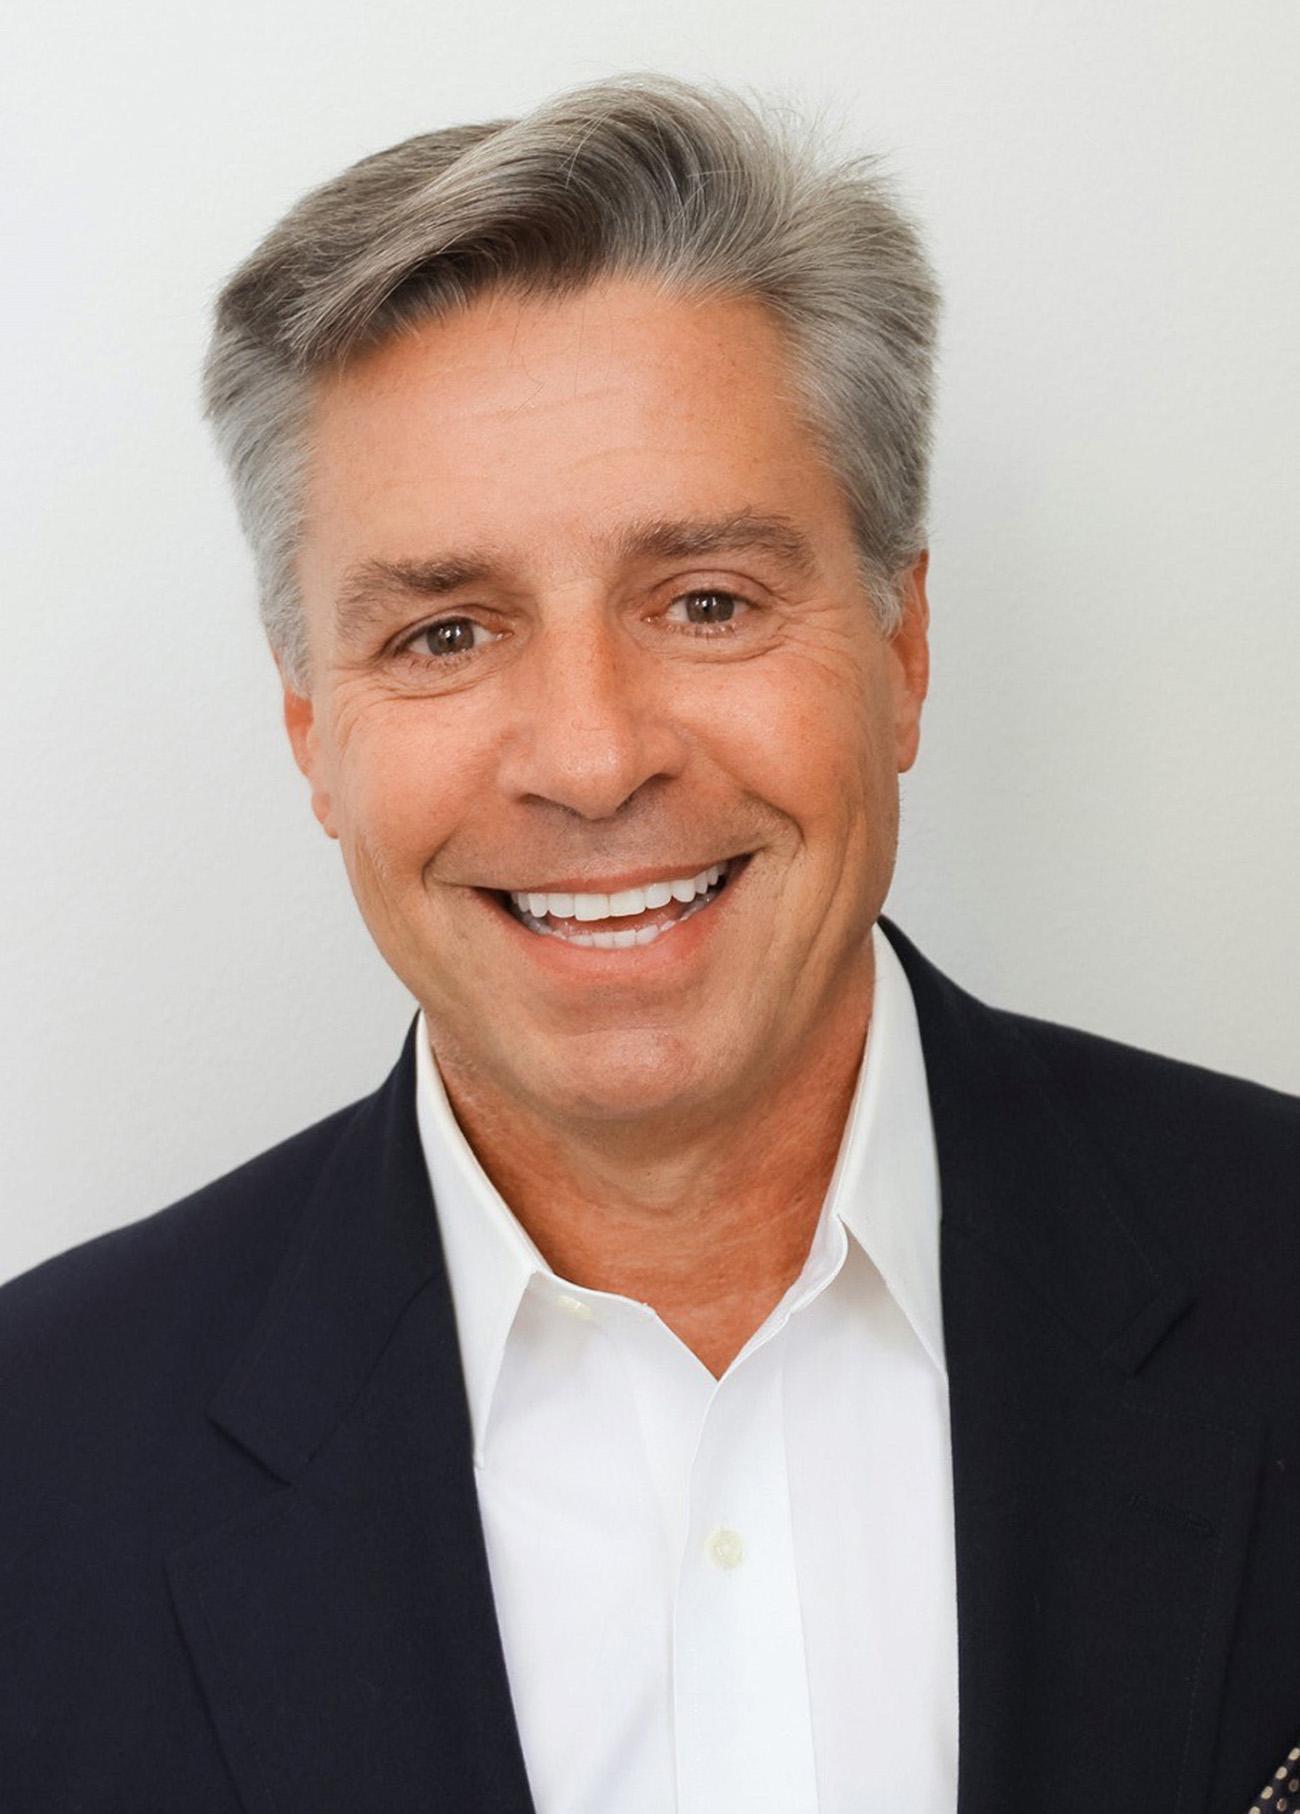 Craig Strauser